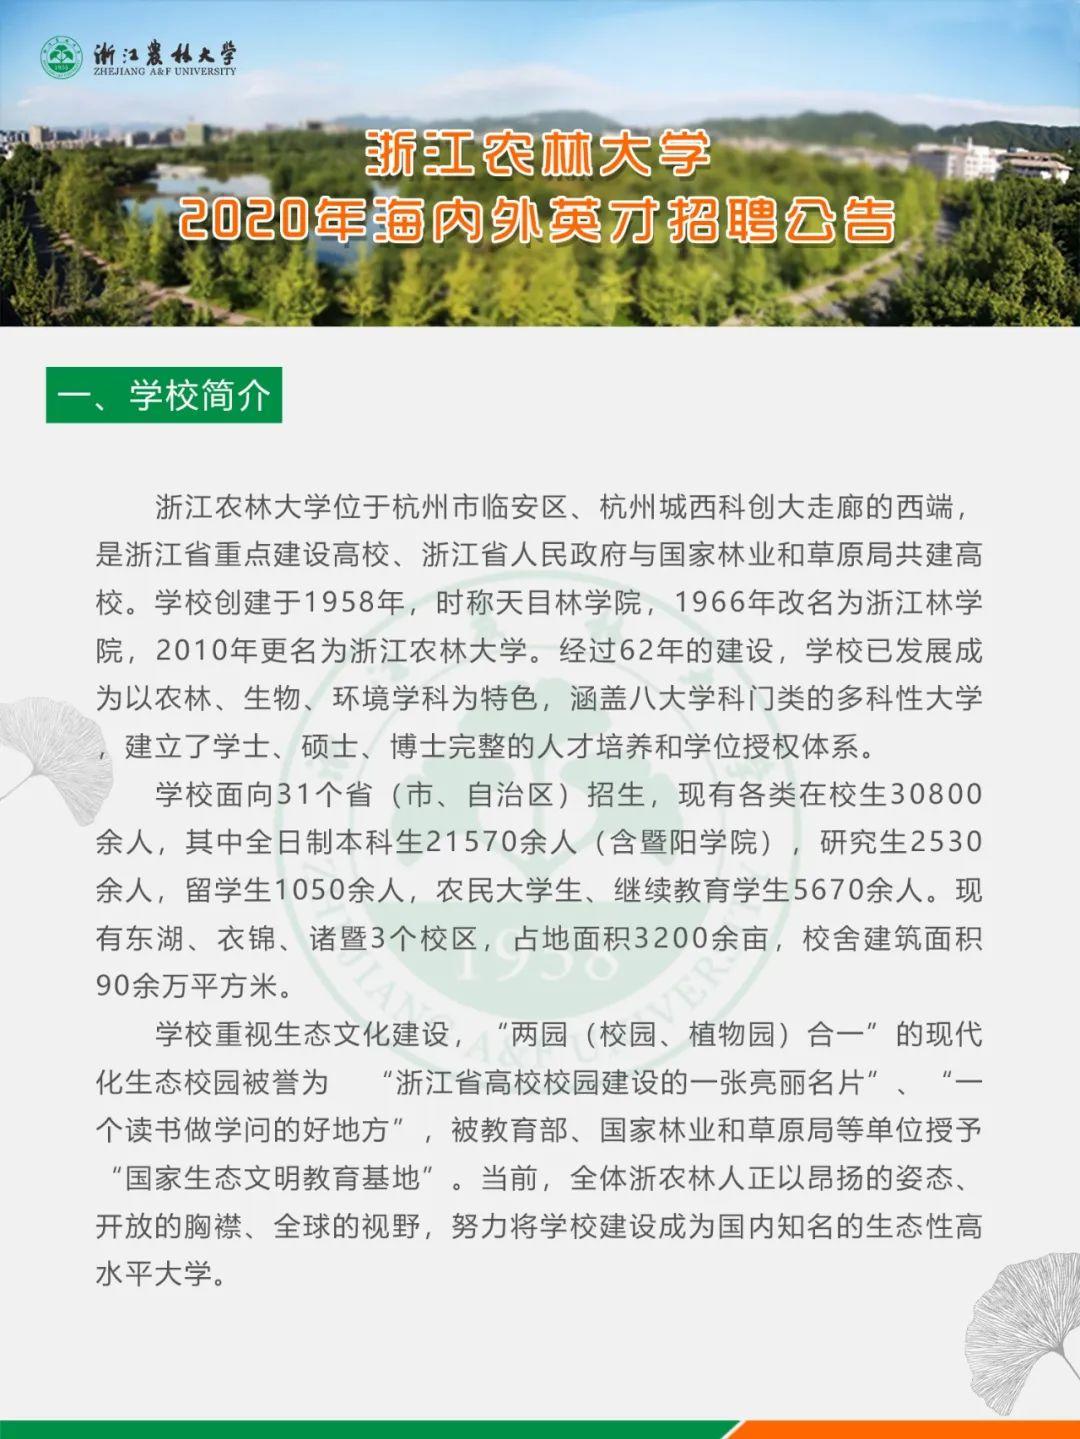 农摩天官网林大学面向全球诚聘英才,摩天官网图片